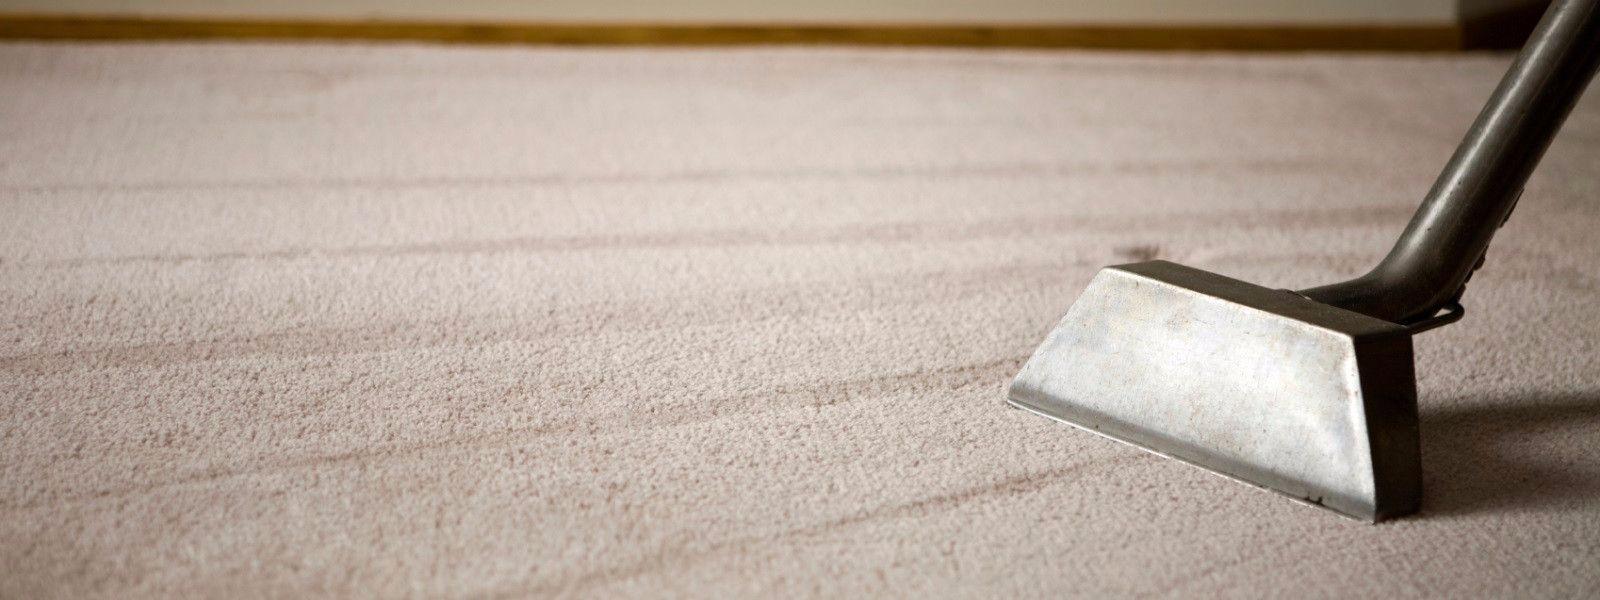 Clean Carpets Melbourne (@cleancarpetsmelbourne) Cover Image